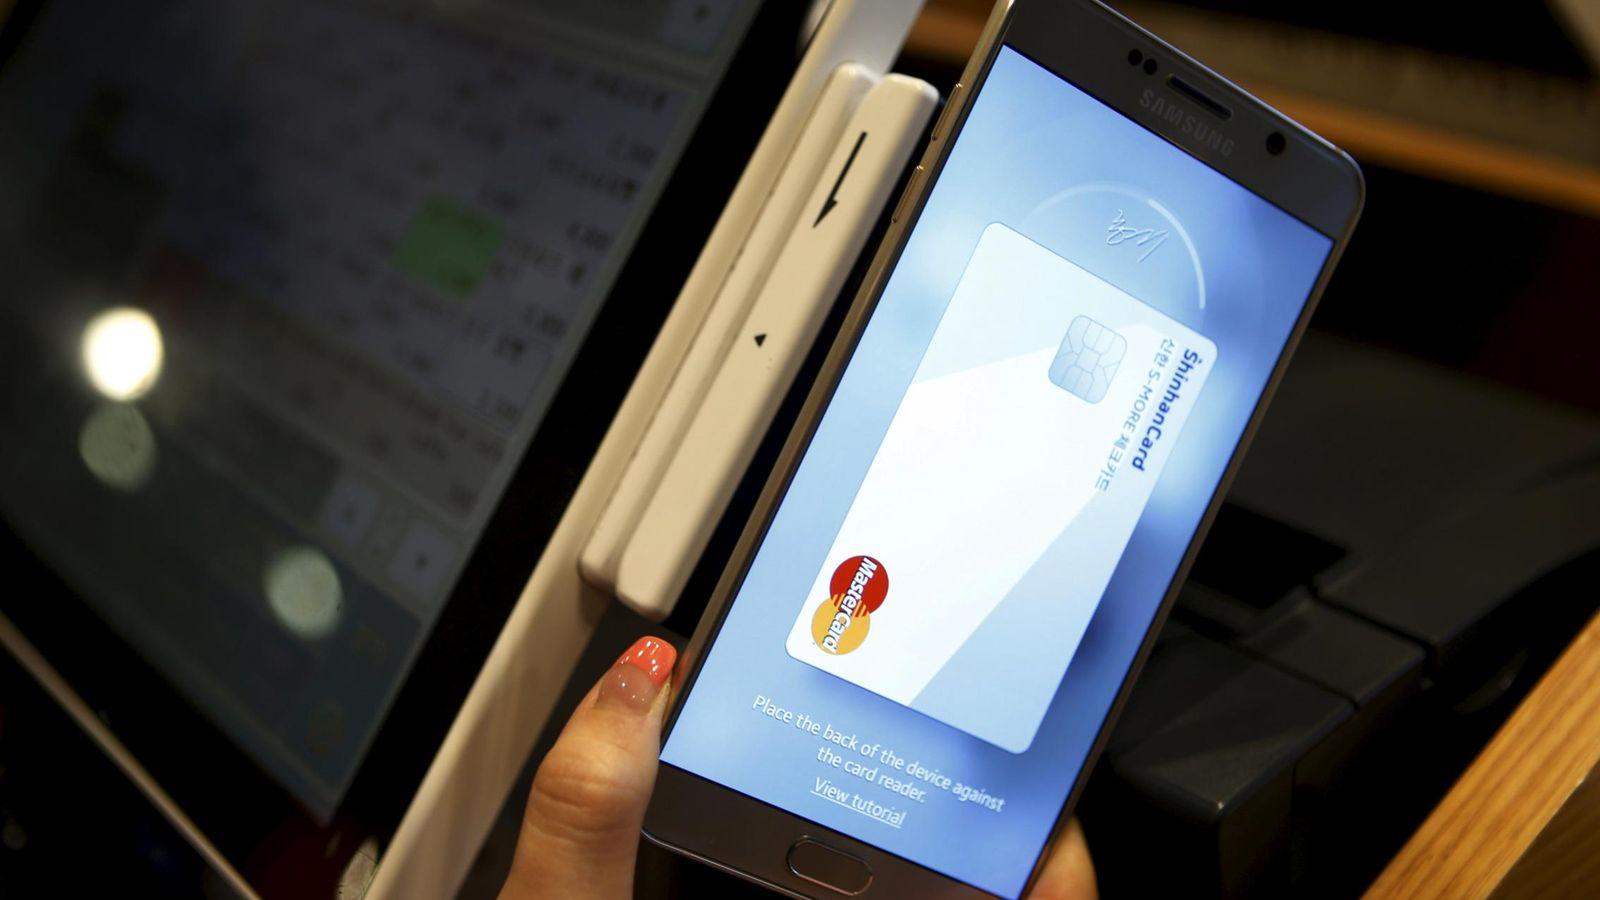 Foto: Demostración del sistema de pagos móviles Samsung Pay (Foto: REUTERS/Kim Hong-Ji)